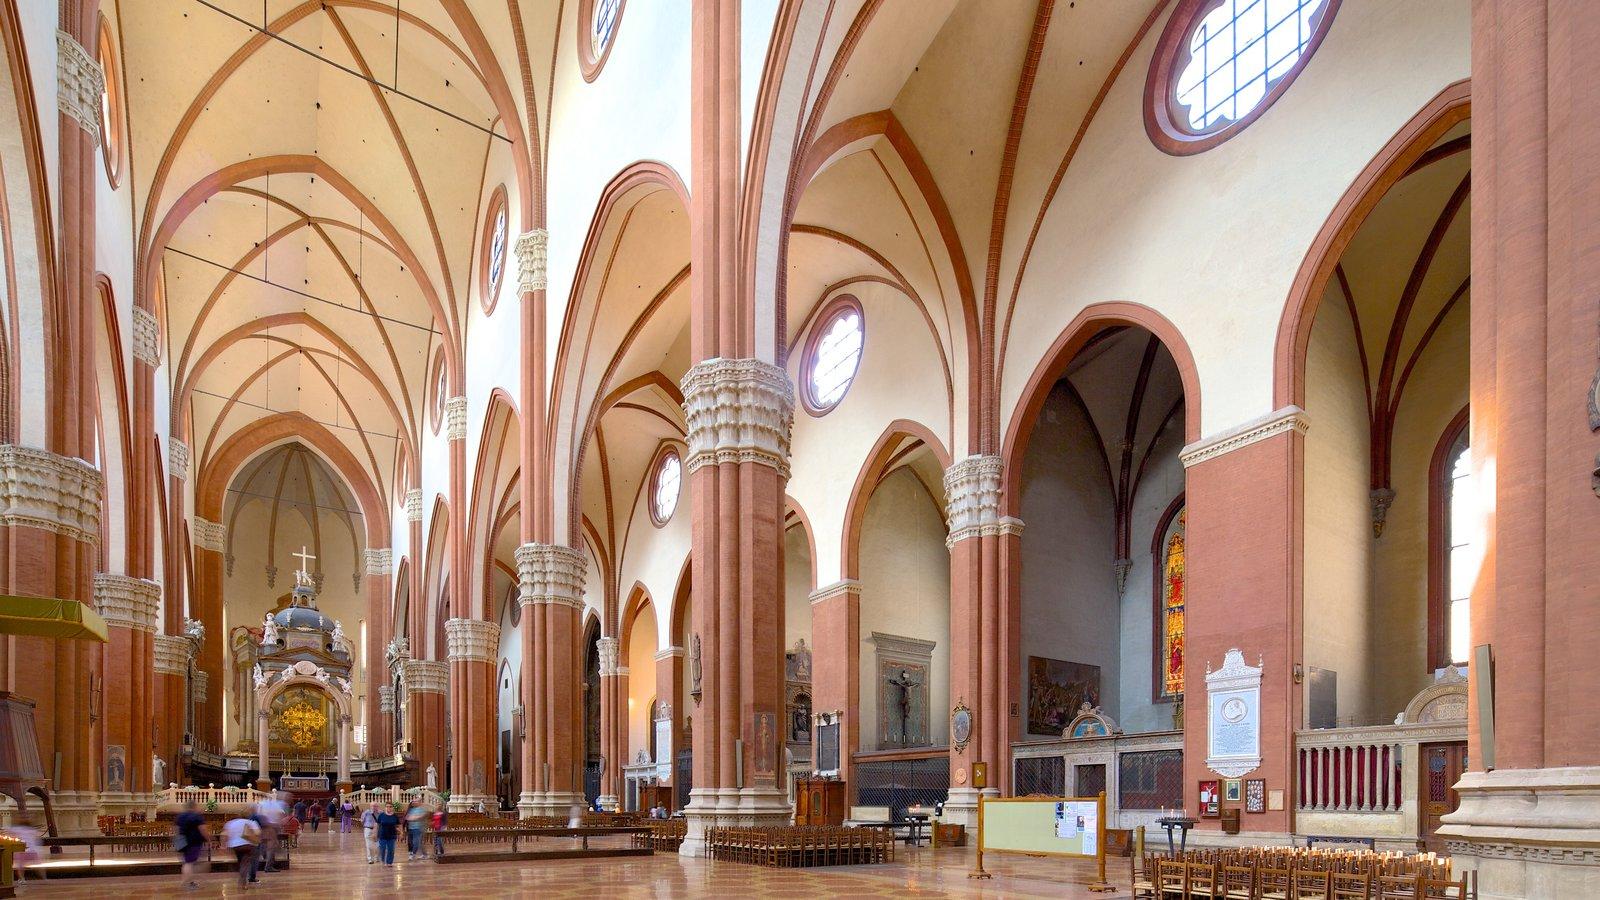 Basilica S. Petronio mostrando elementos religiosos, uma igreja ou catedral e arquitetura de patrimônio